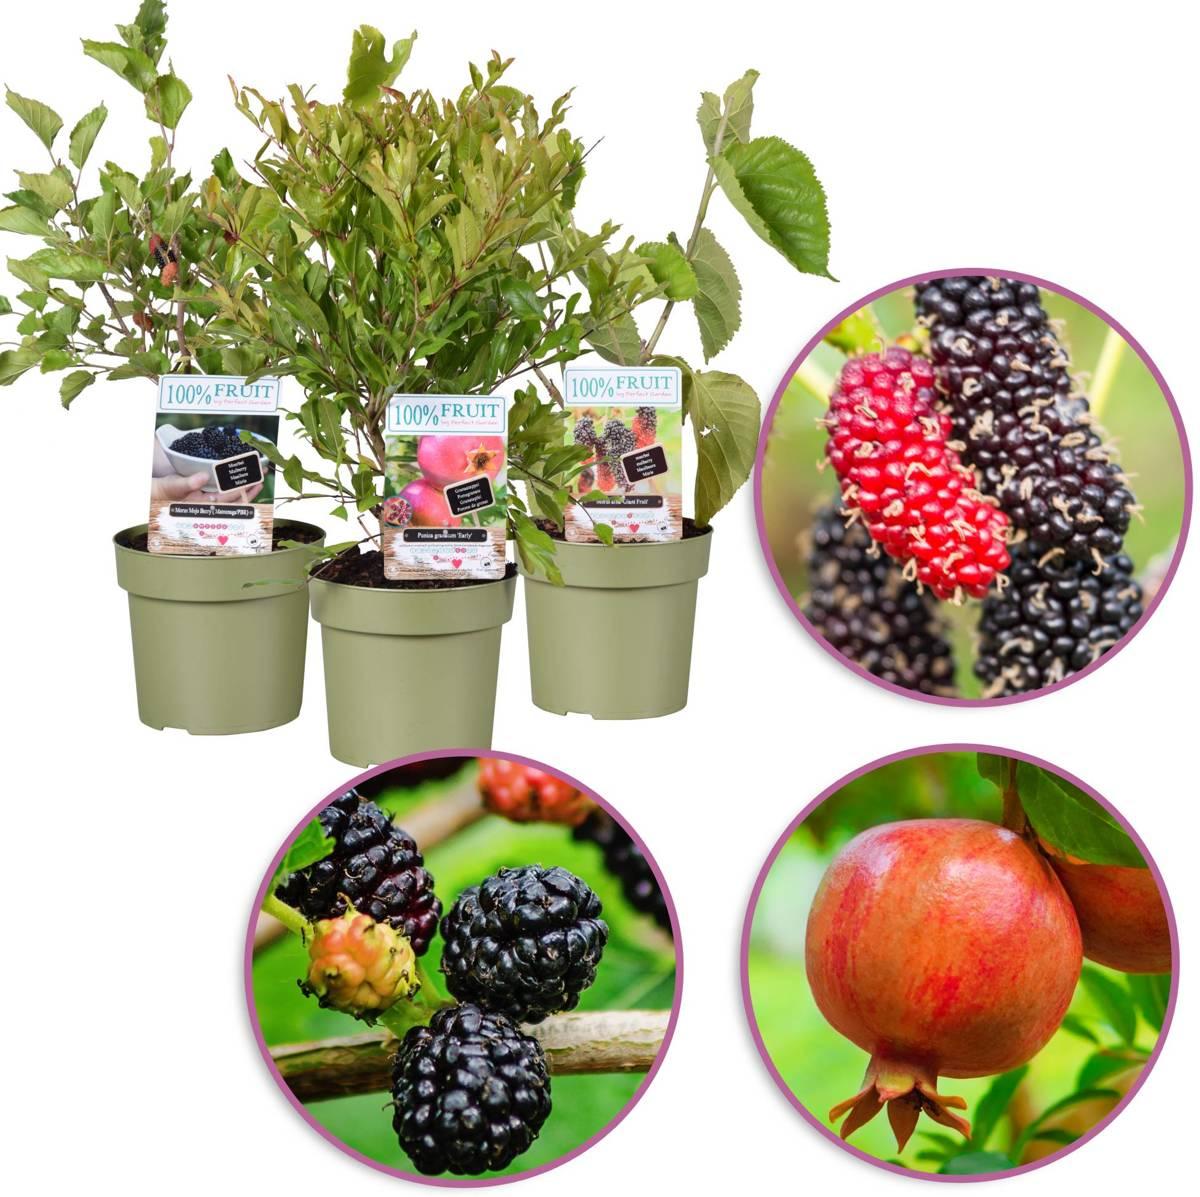 Exotische fruitbomen mix, 3 stuks kopen